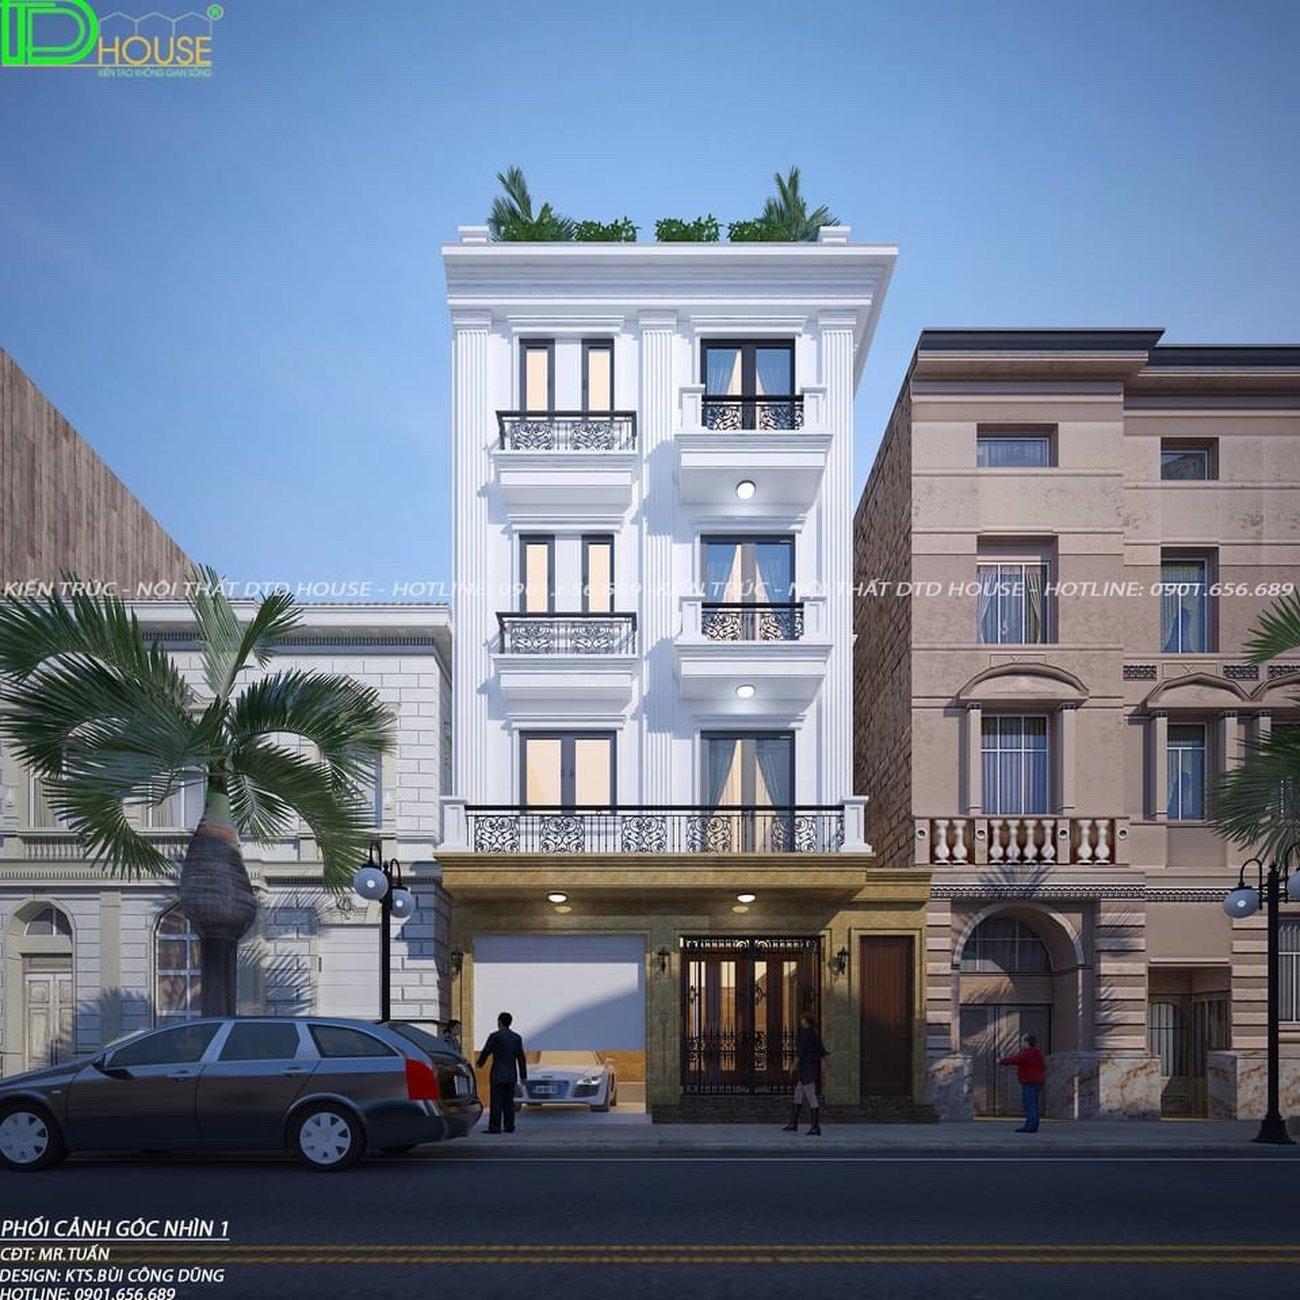 ho-mslinh-s-house-in-long-bien-hanoi-front-view-designjpg-1629110261.jpg